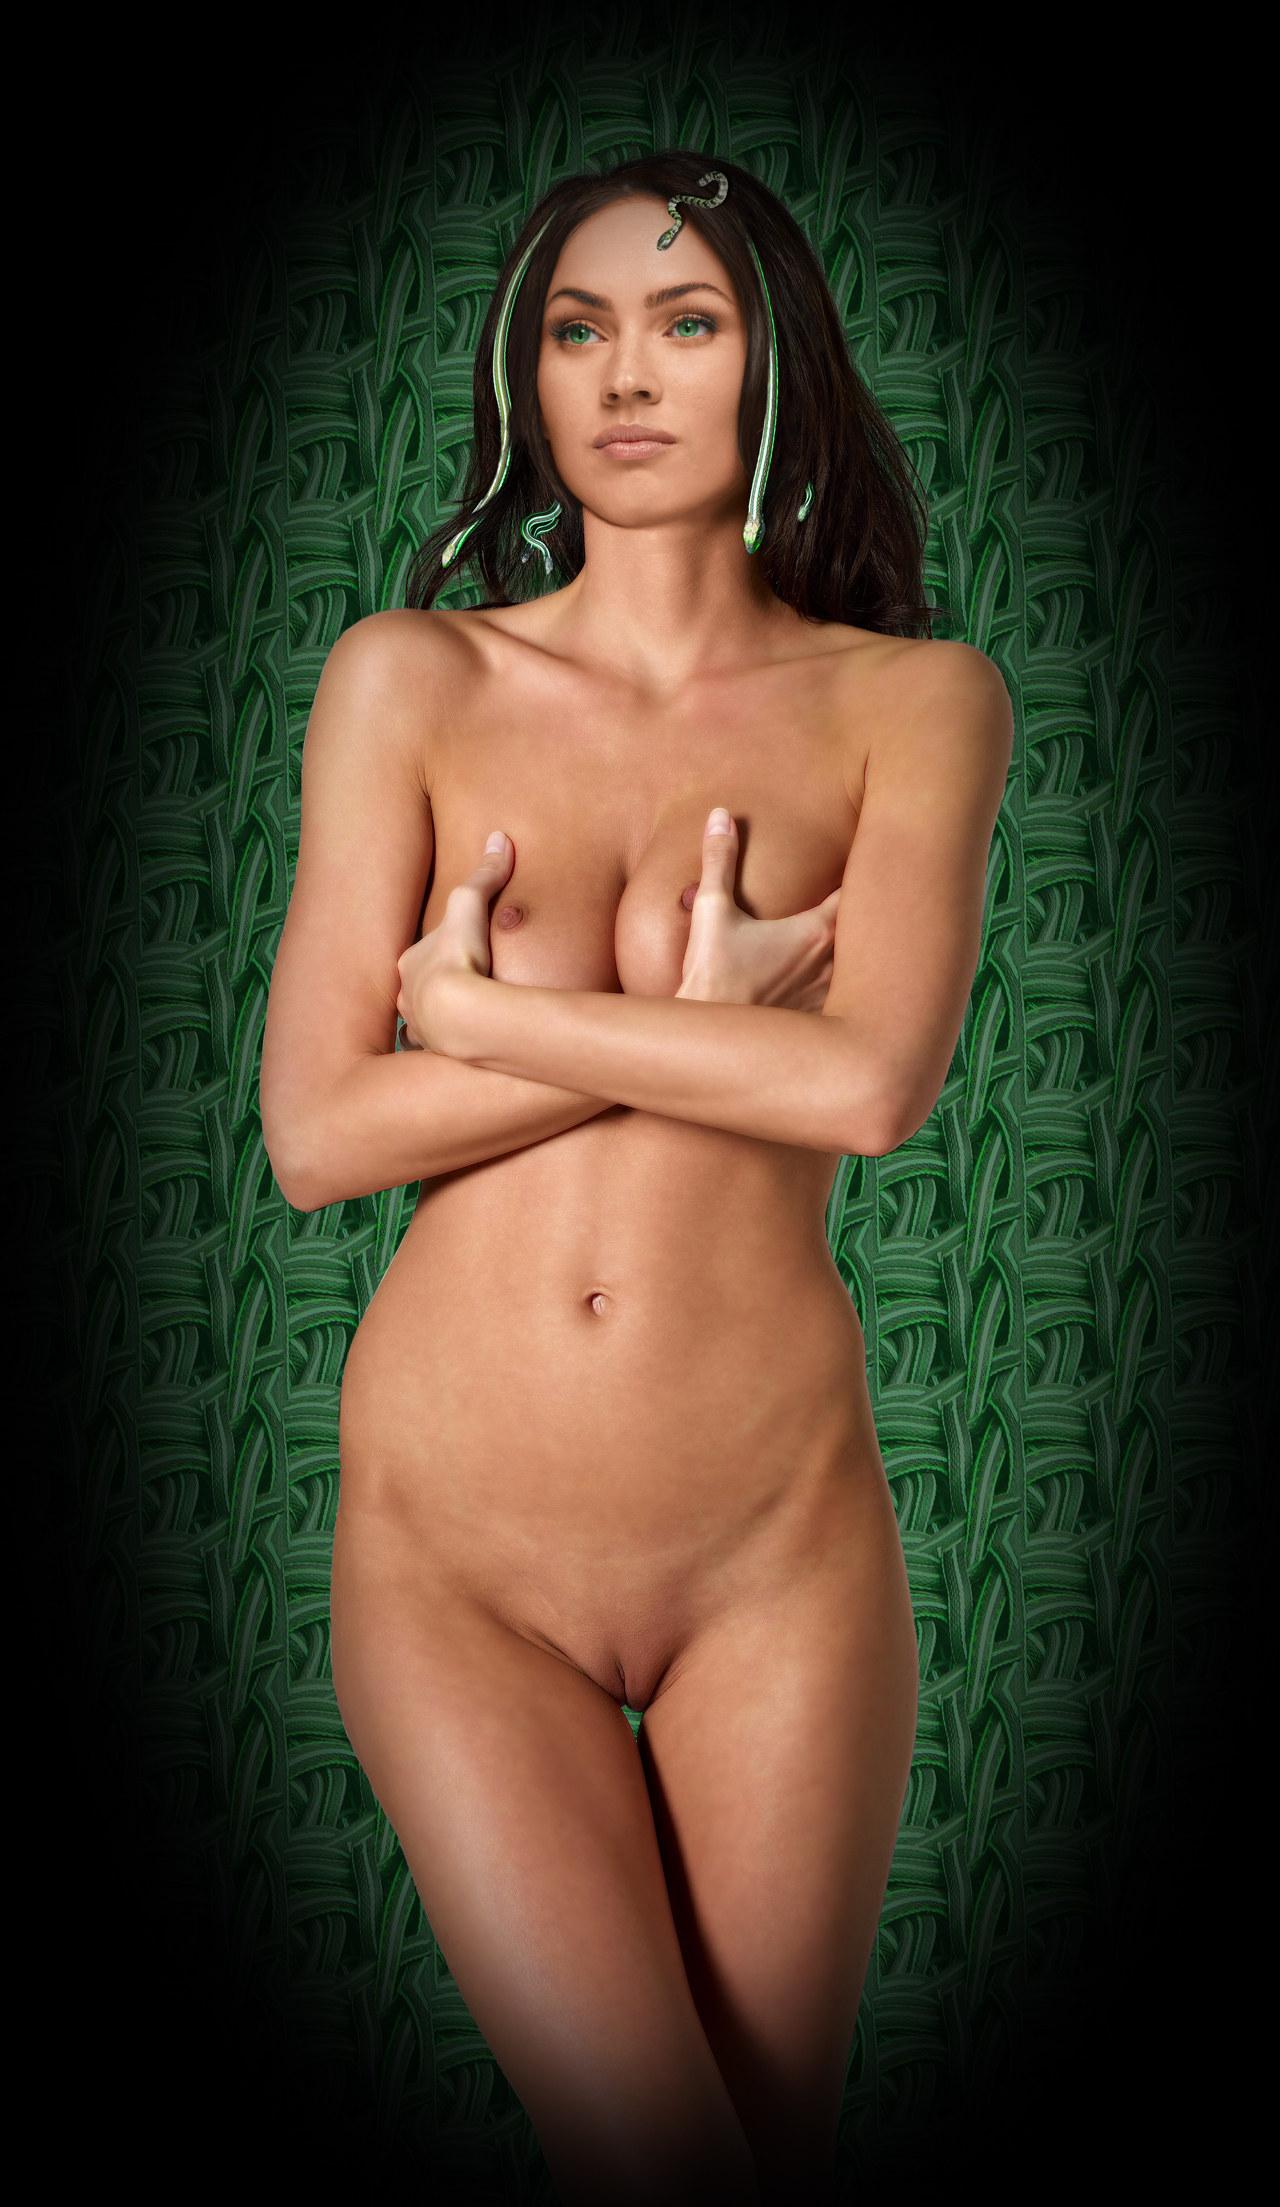 Megan Fox Nude Celeb